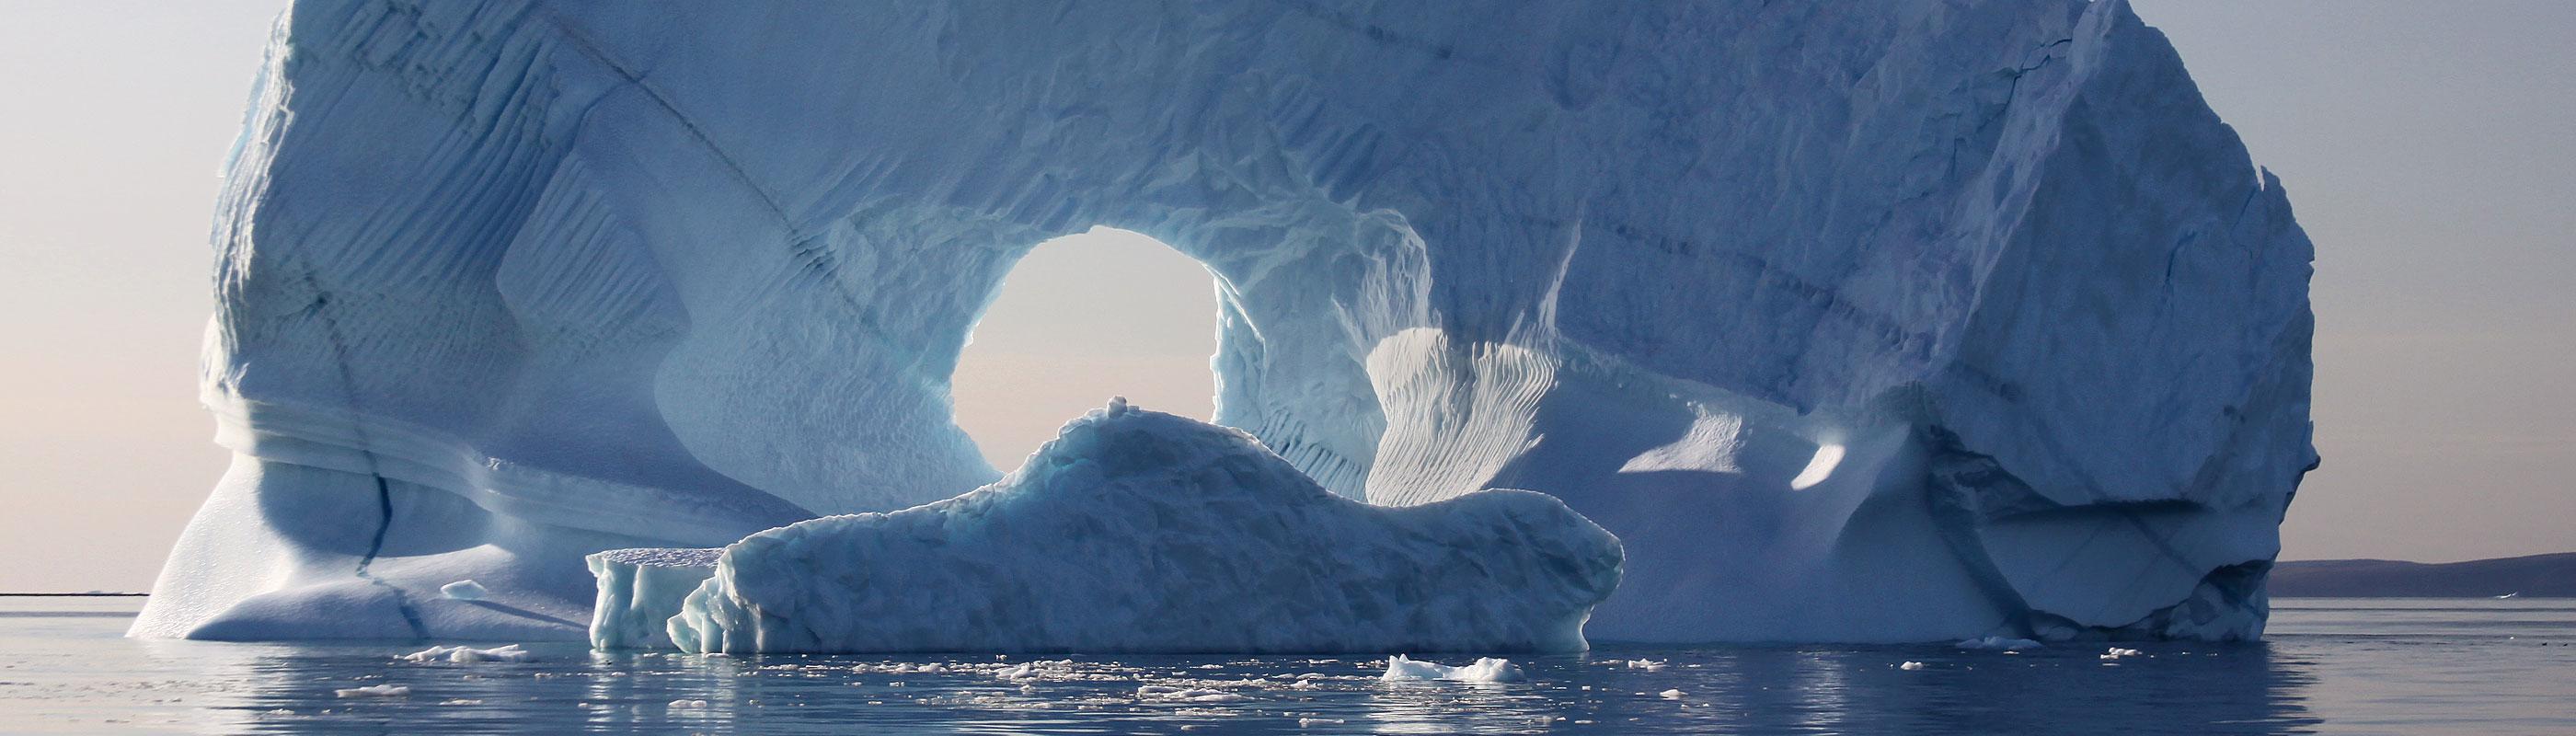 Groenland-homeslider-V3